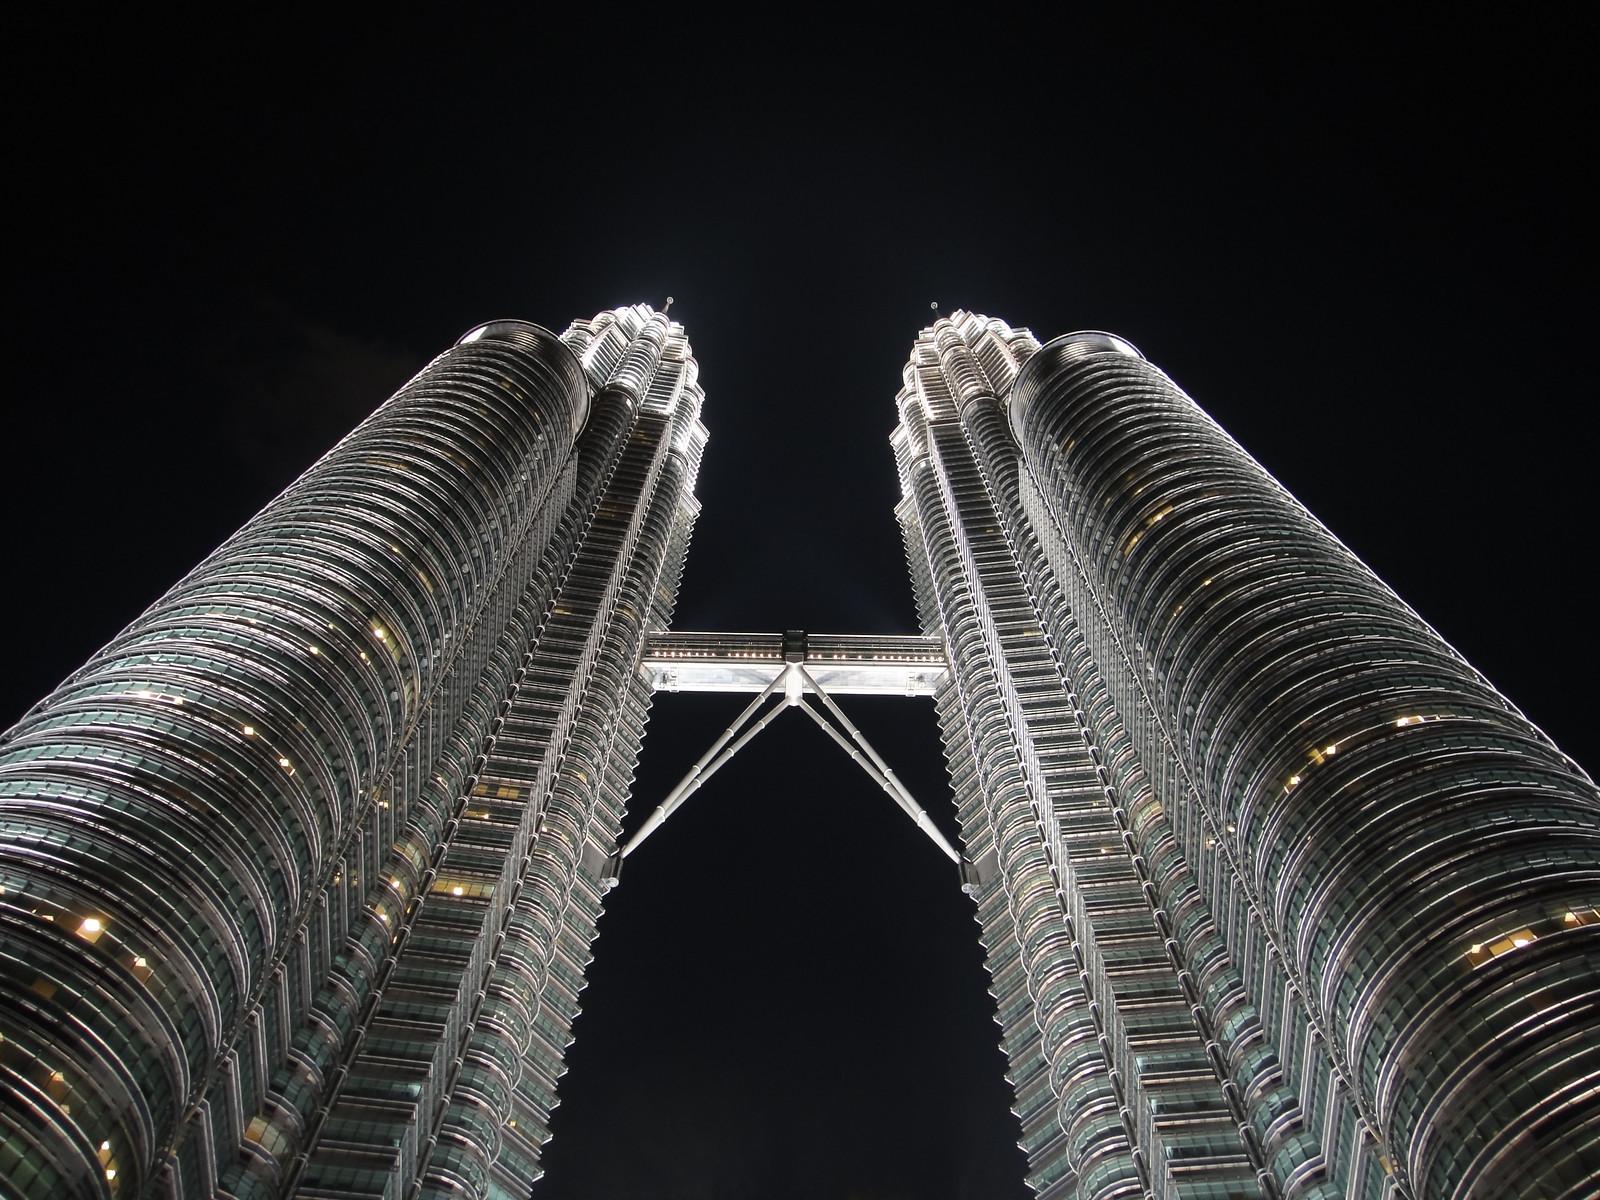 The Petronas Twin Towers (Kuala Lumpur, Malaysia)